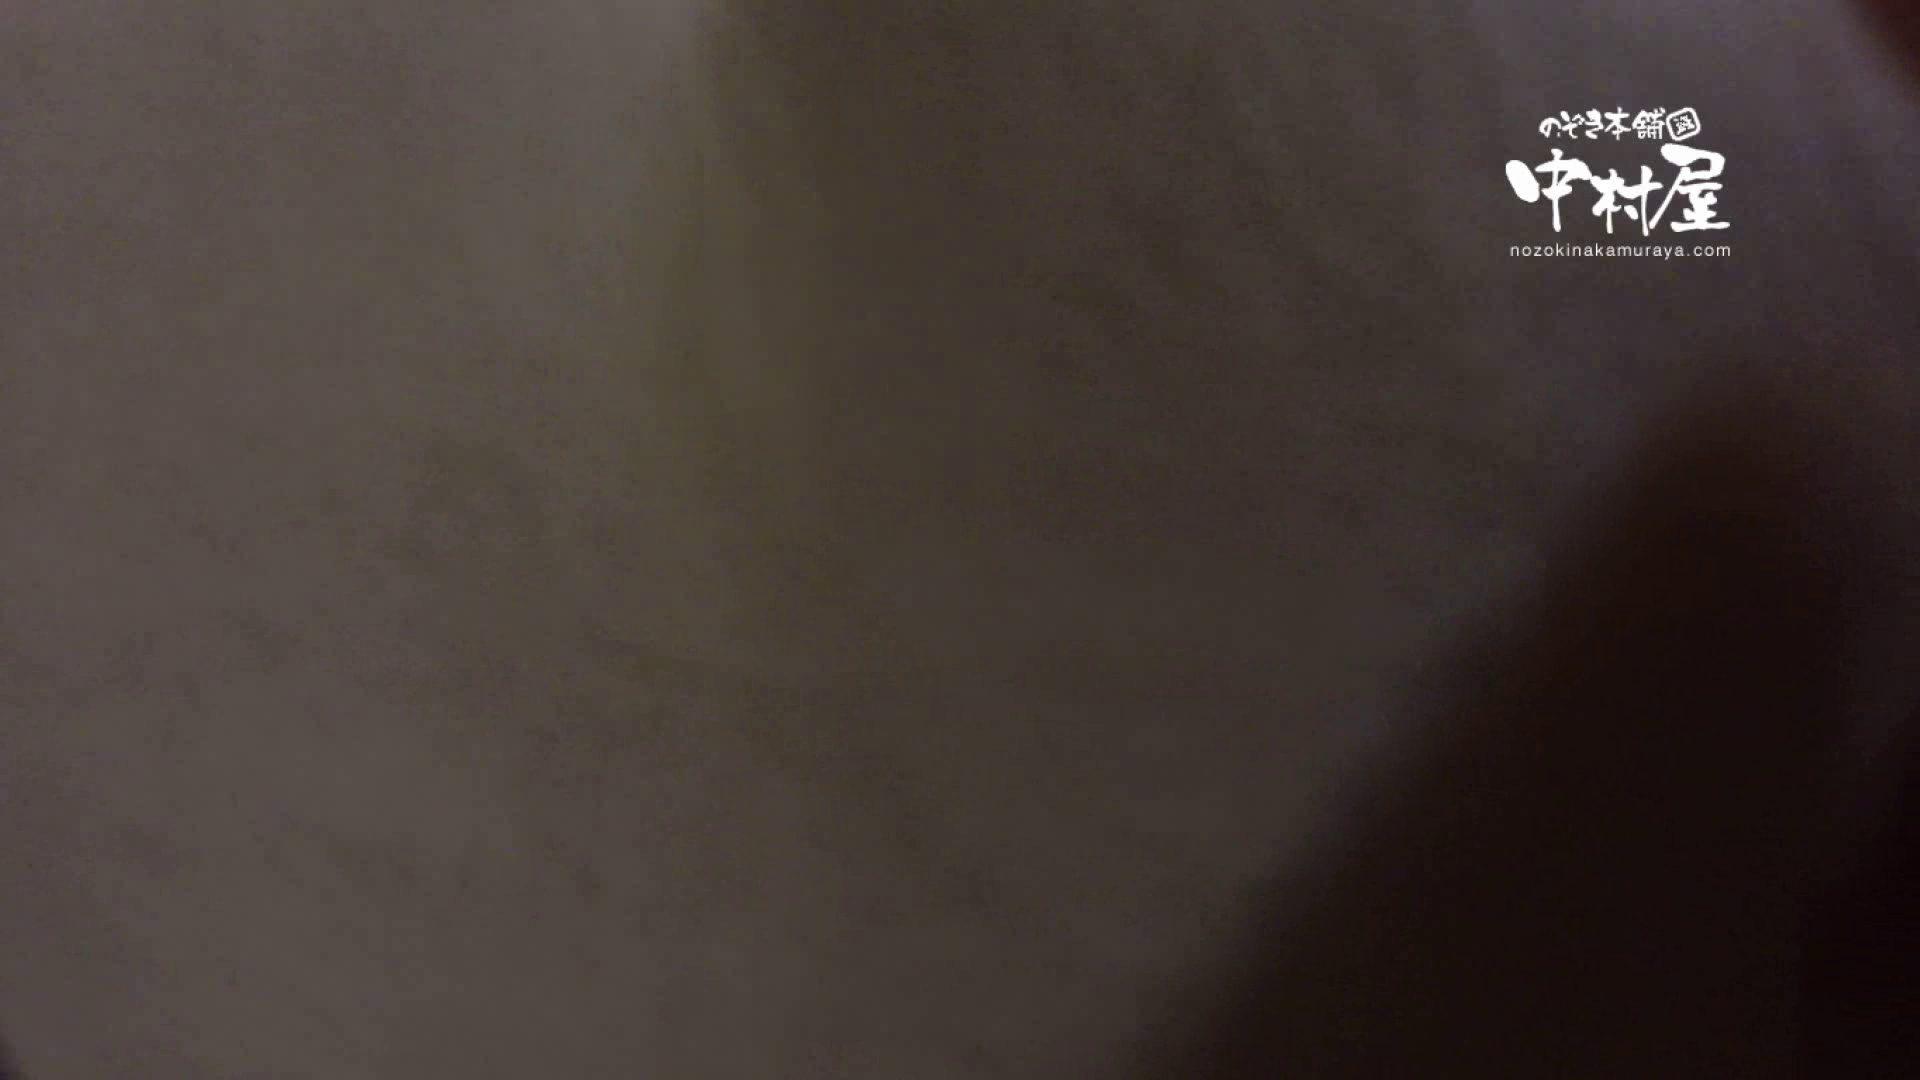 鬼畜 vol.06 中出し処刑! 前編 鬼畜 | 中出し  112PIX 5